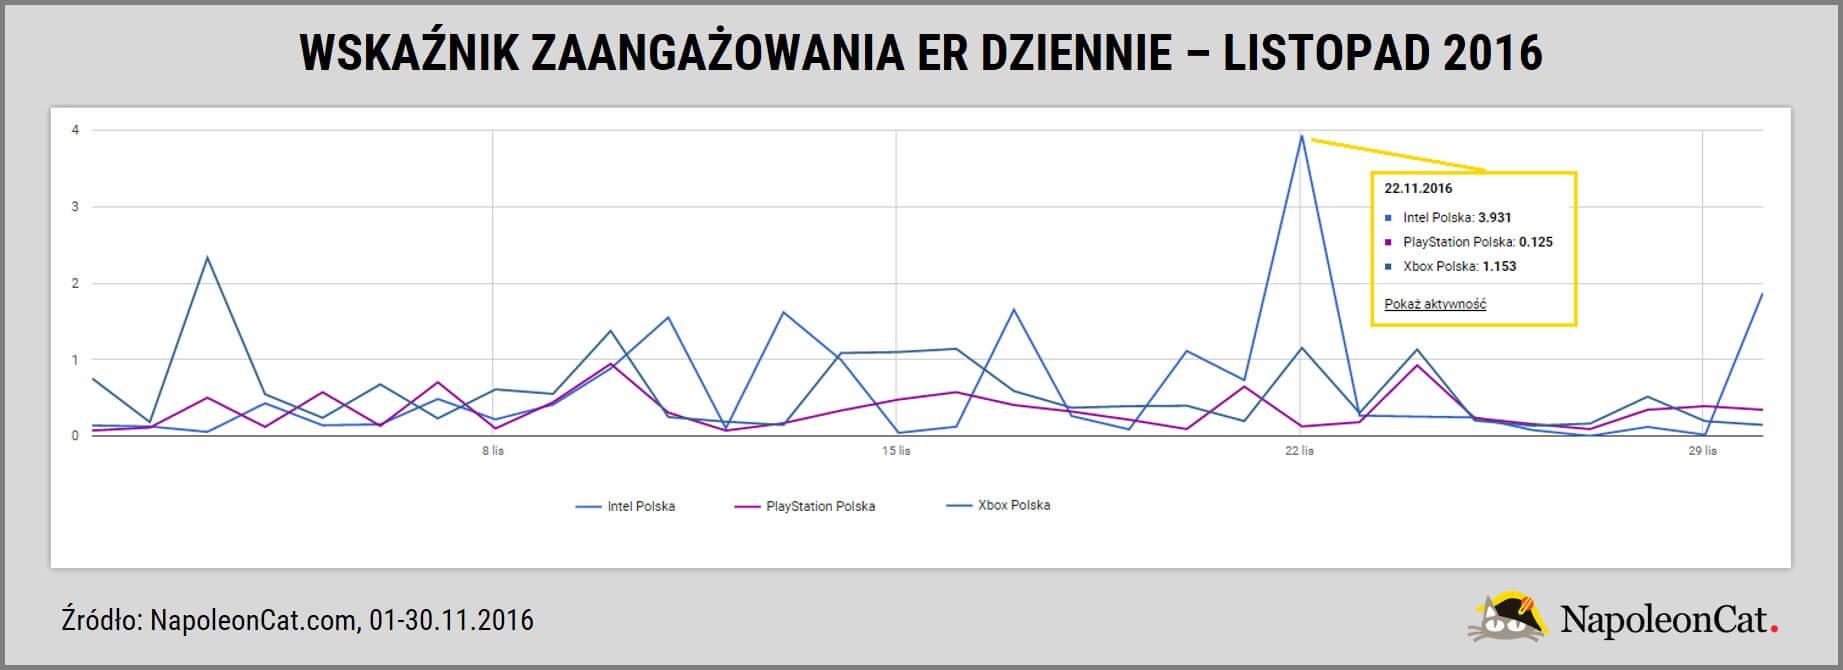 najbardziej_angazujace_konta_najpopularniejszych_marek_elektronicznych_na_Facebooku_analityka_facebooka_NapoleonCat.com